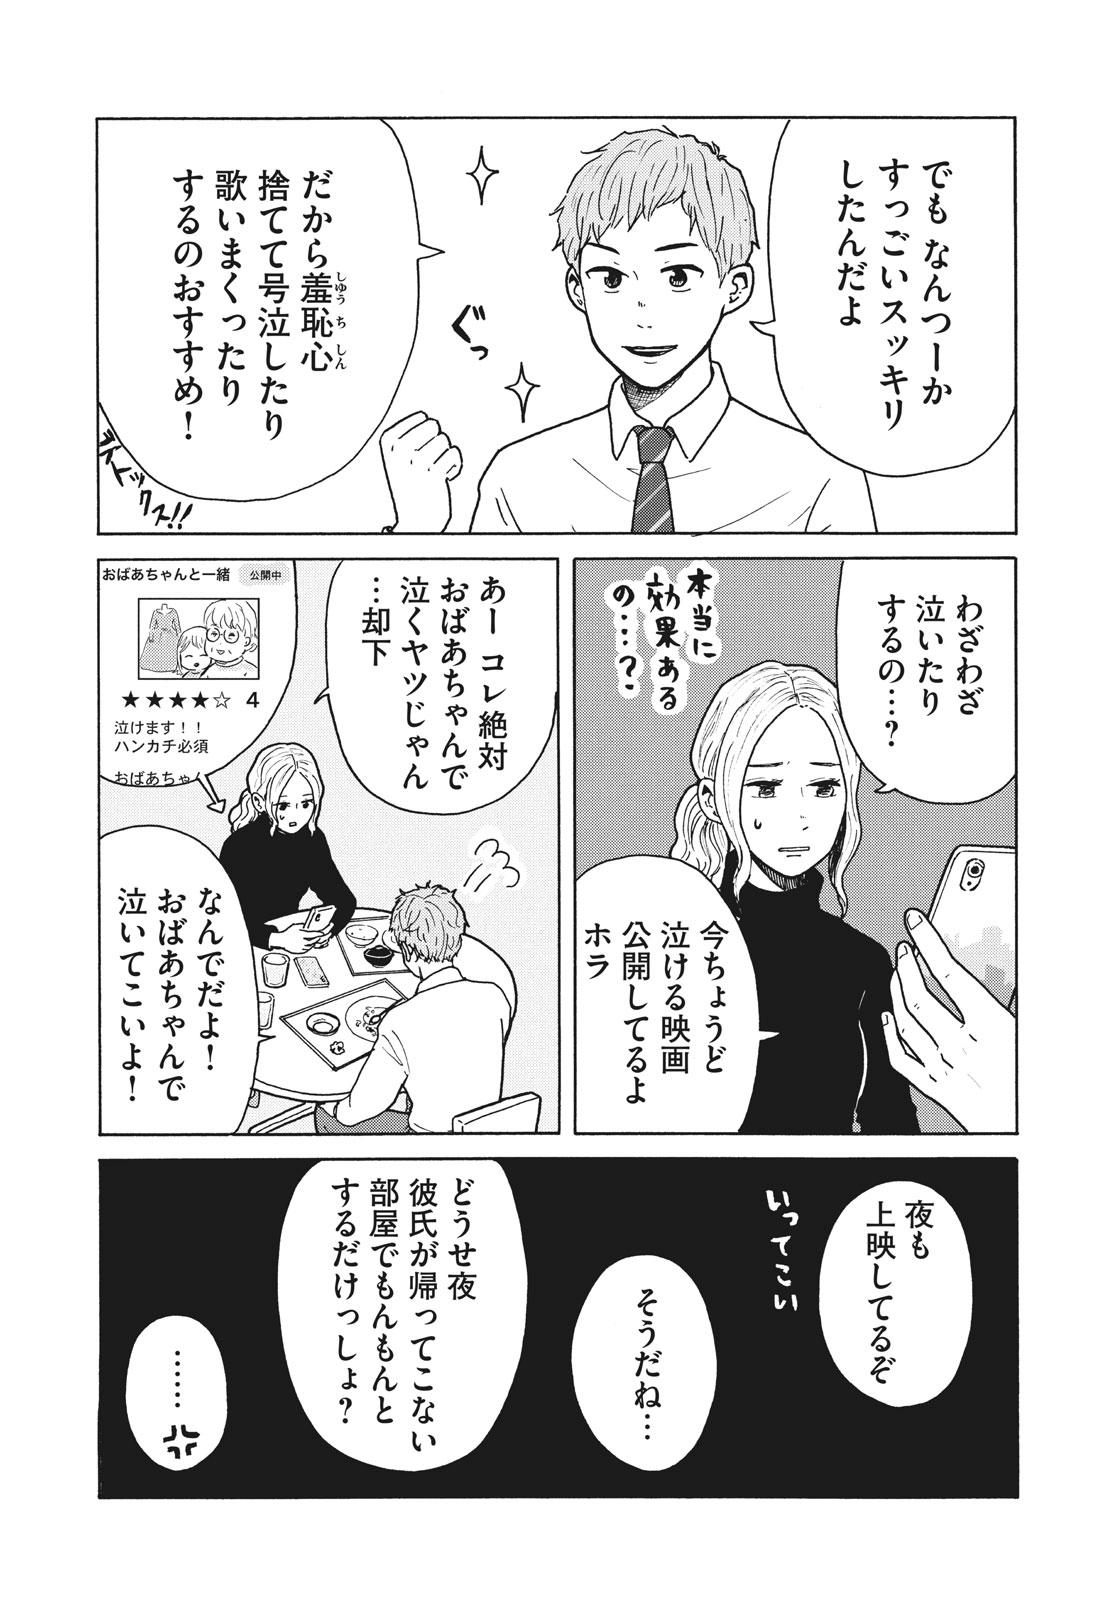 006_30日_2019_006_E.jpg